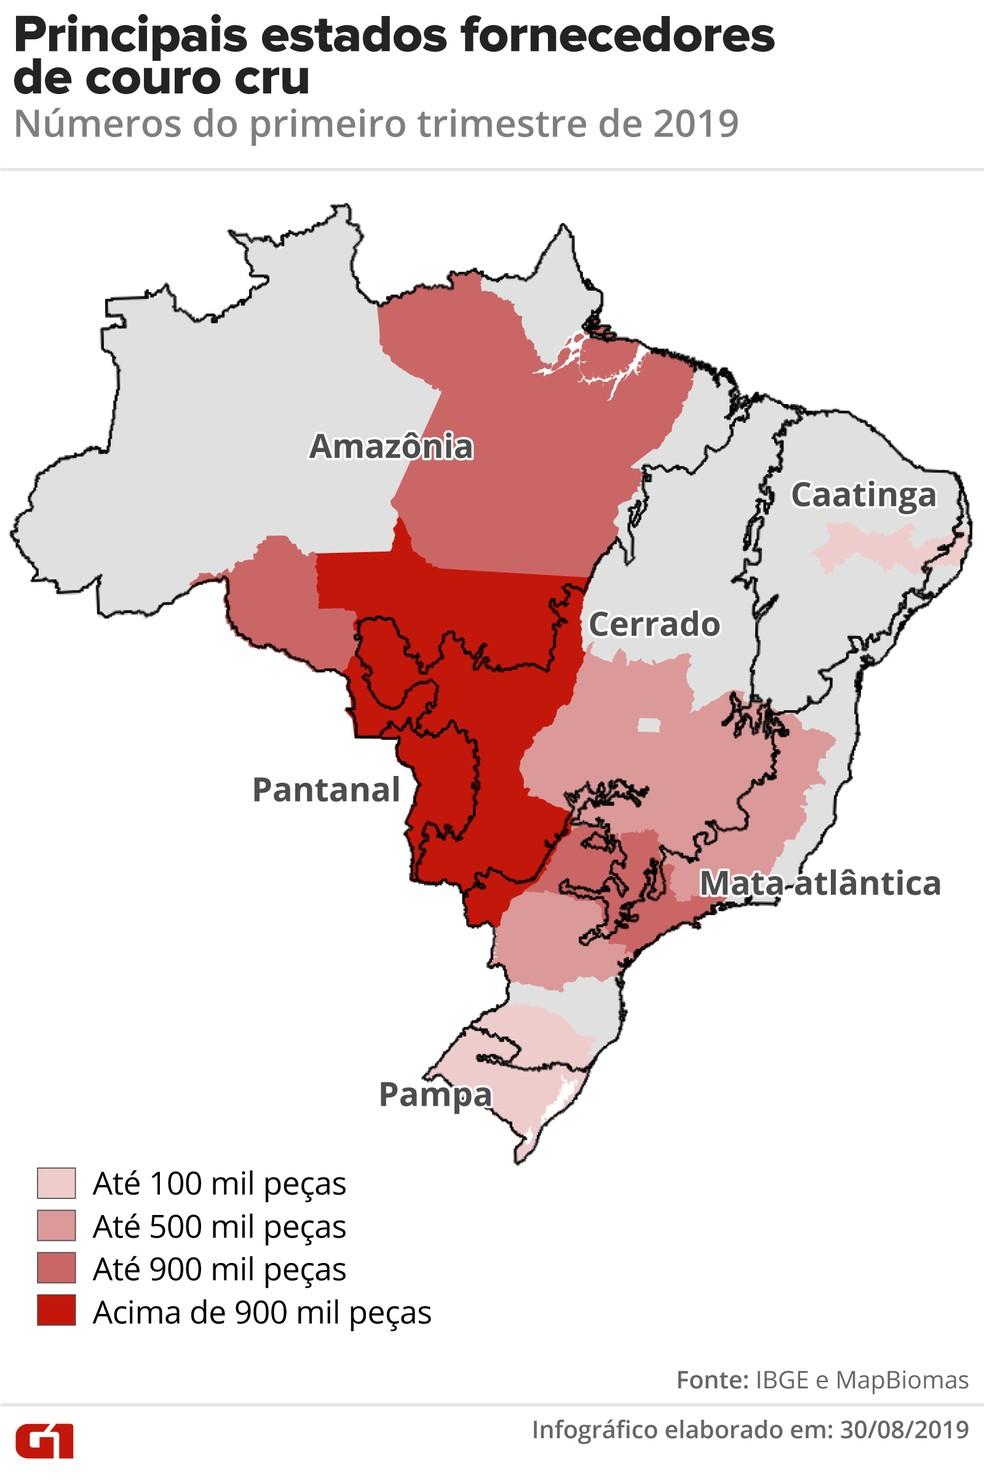 Mapa mostra as principais regiões fornecedoras de couro cru do país — Foto: Rodrigo Sanches/G1